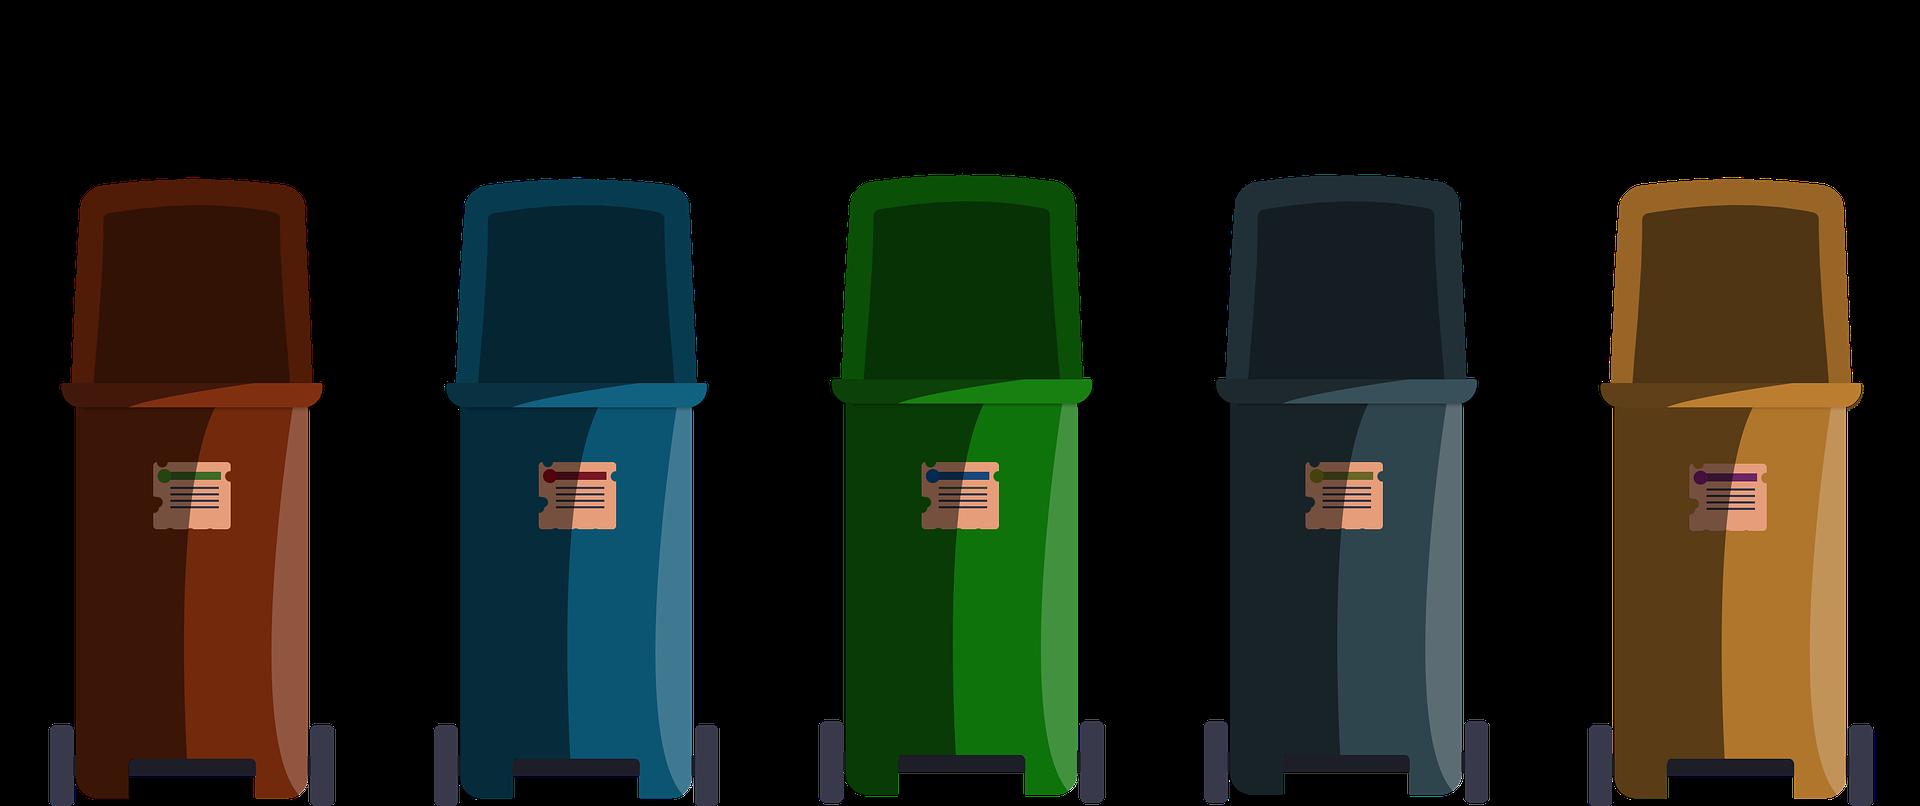 dustbin-3415658_1920.png